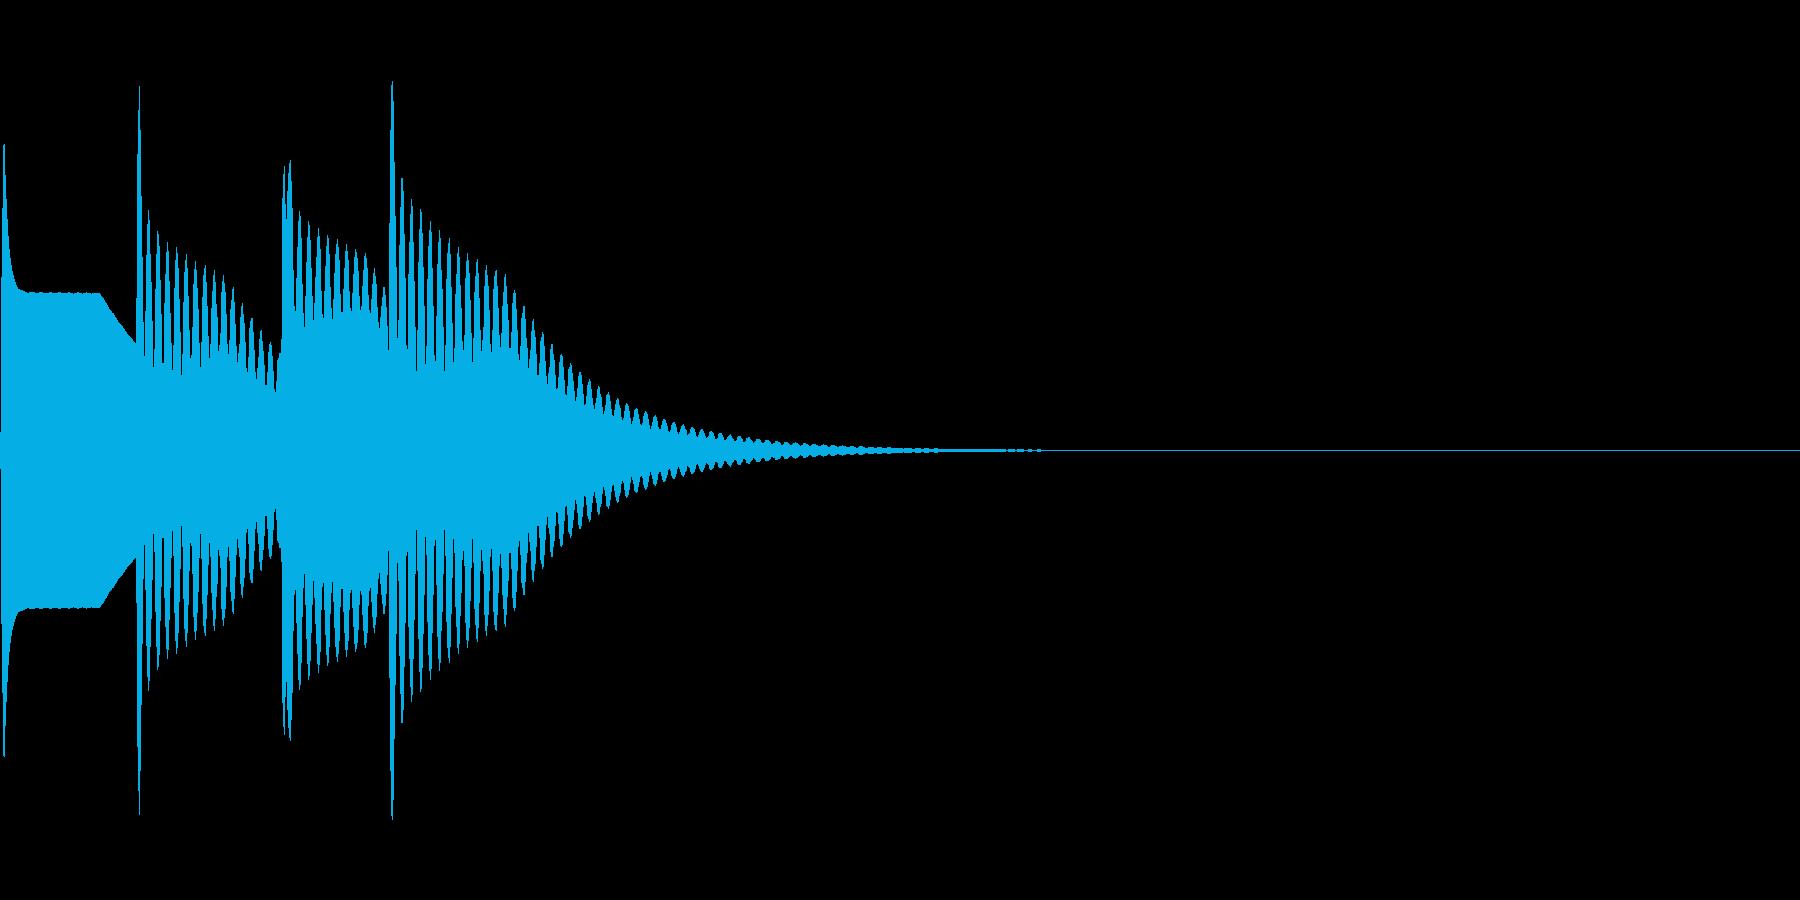 ピンポーン×2(正解)の再生済みの波形